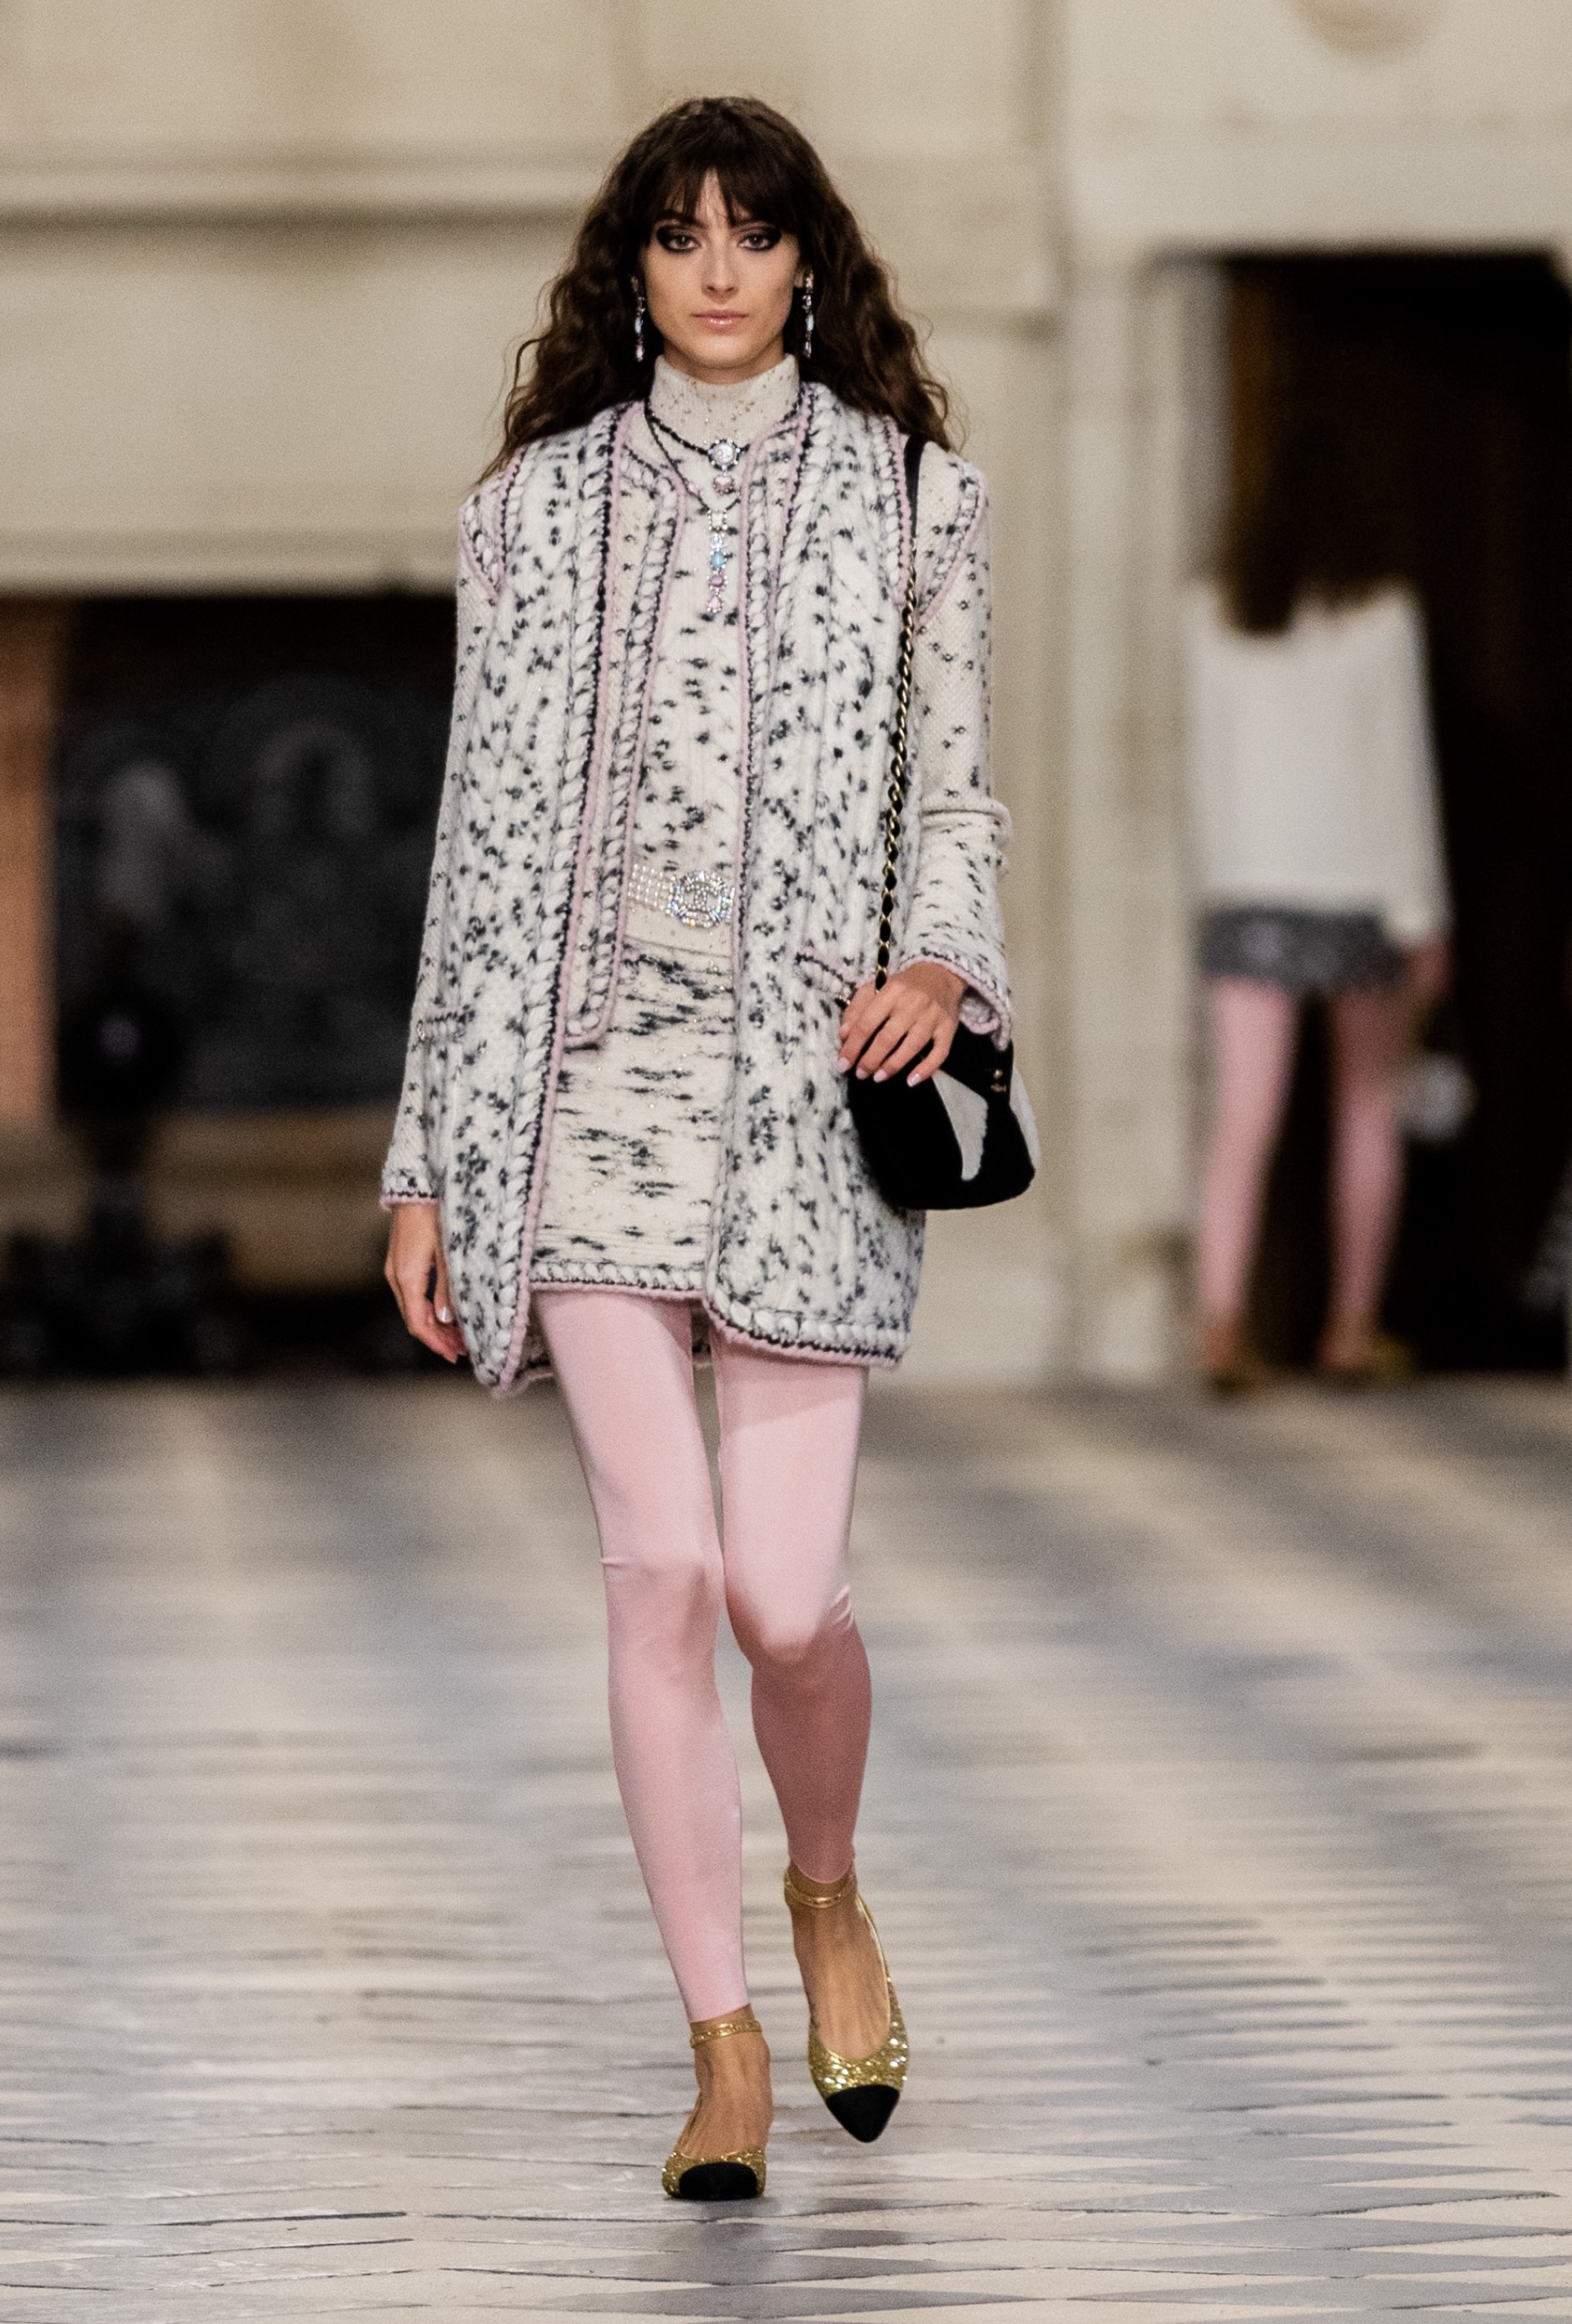 Chanel Métiers d'Art 2020/21